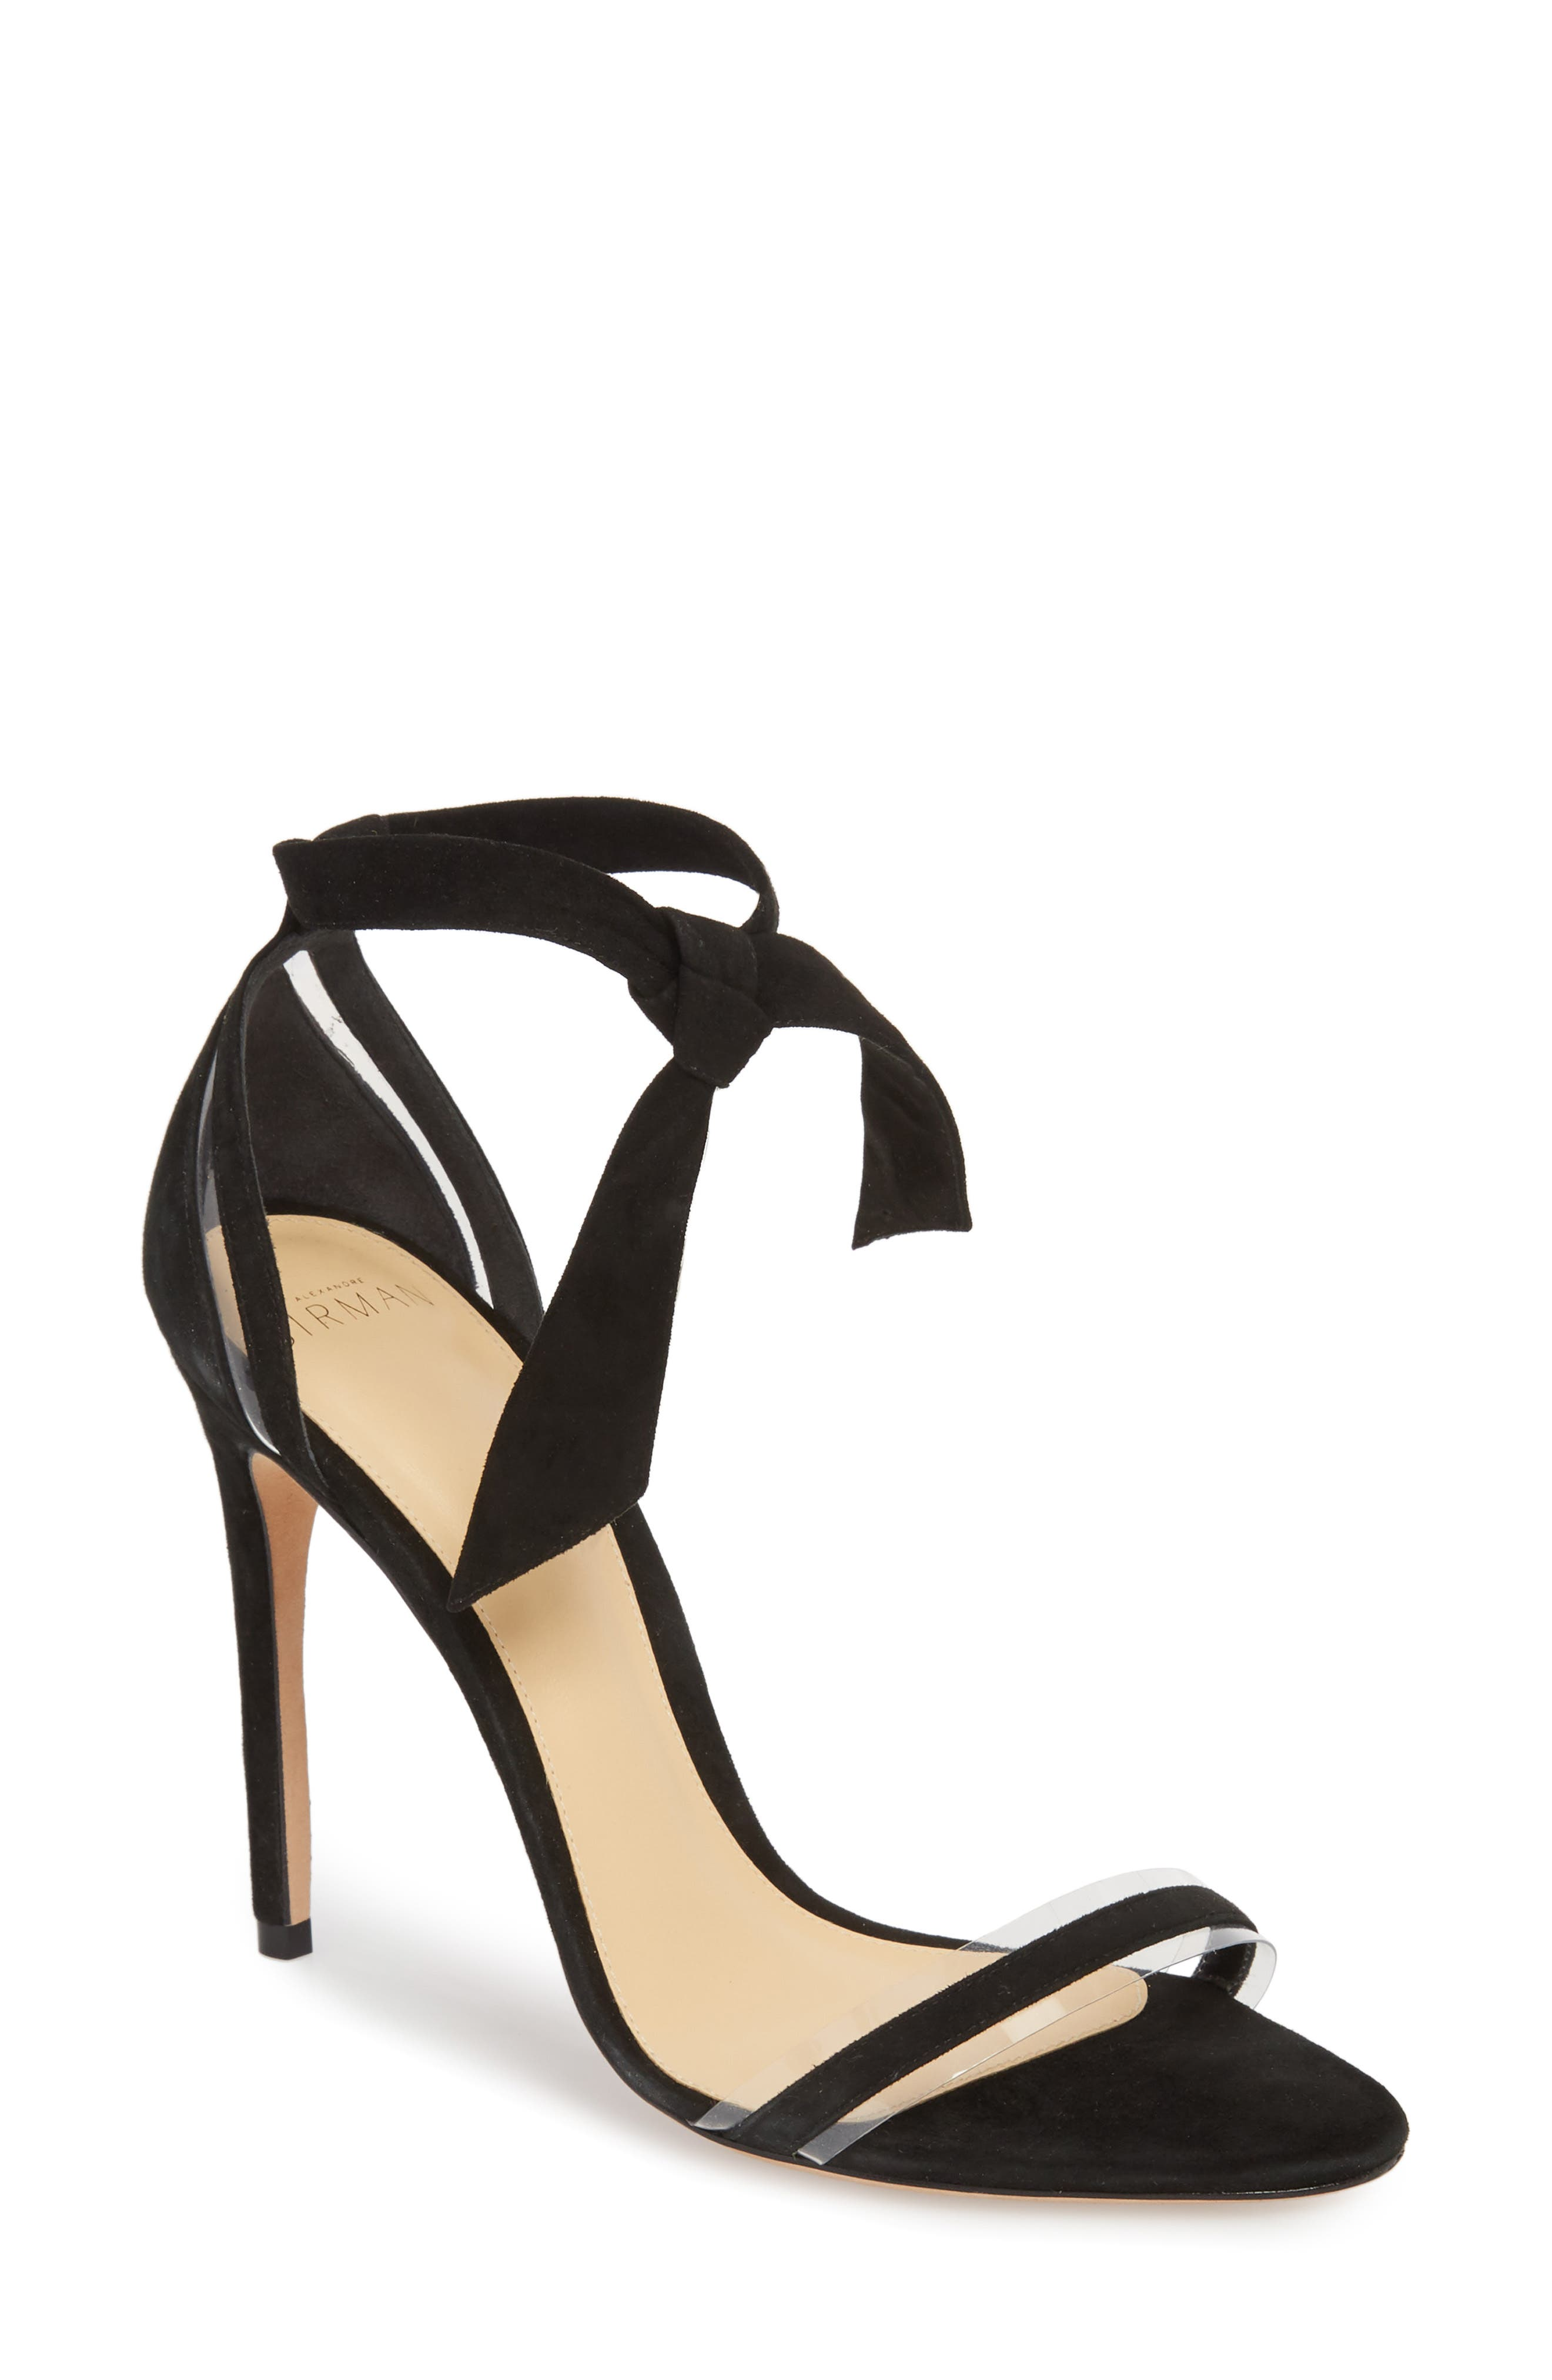 ALEXANDRE BIRMAN, Clarita Clear Ankle Tie Sandal, Main thumbnail 1, color, BLACK/ TRANSPARENT